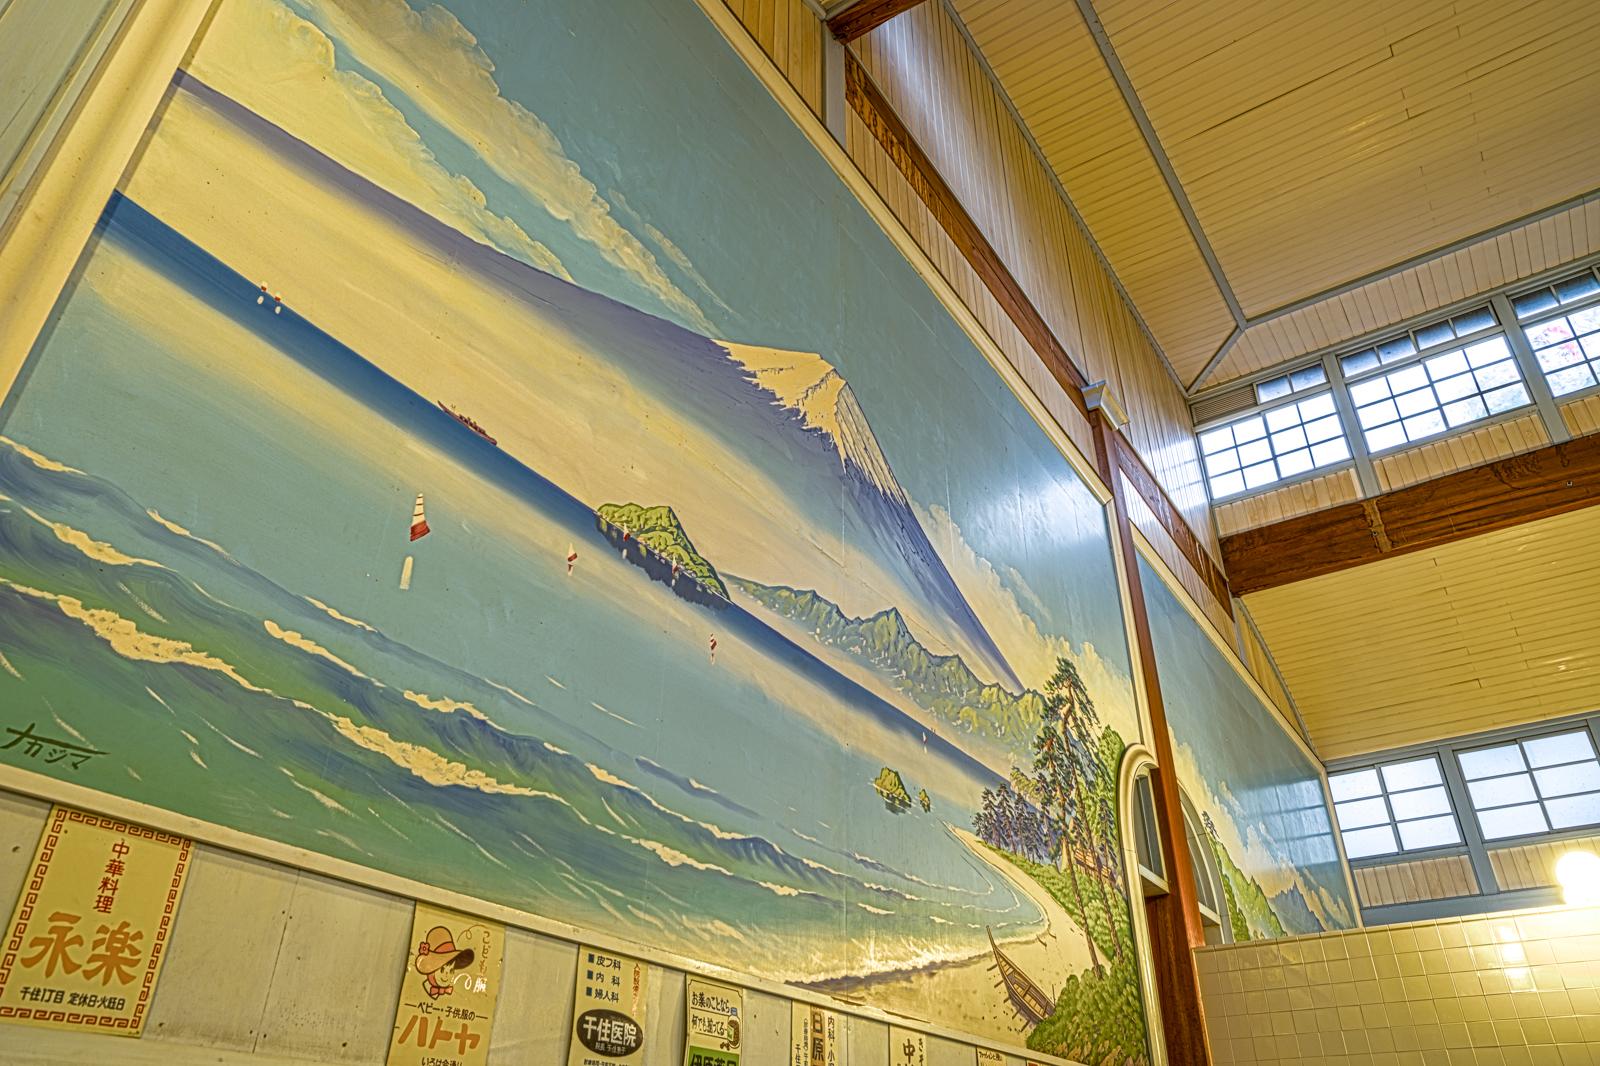 子宝湯、浴場の富士の壁画のHDR写真